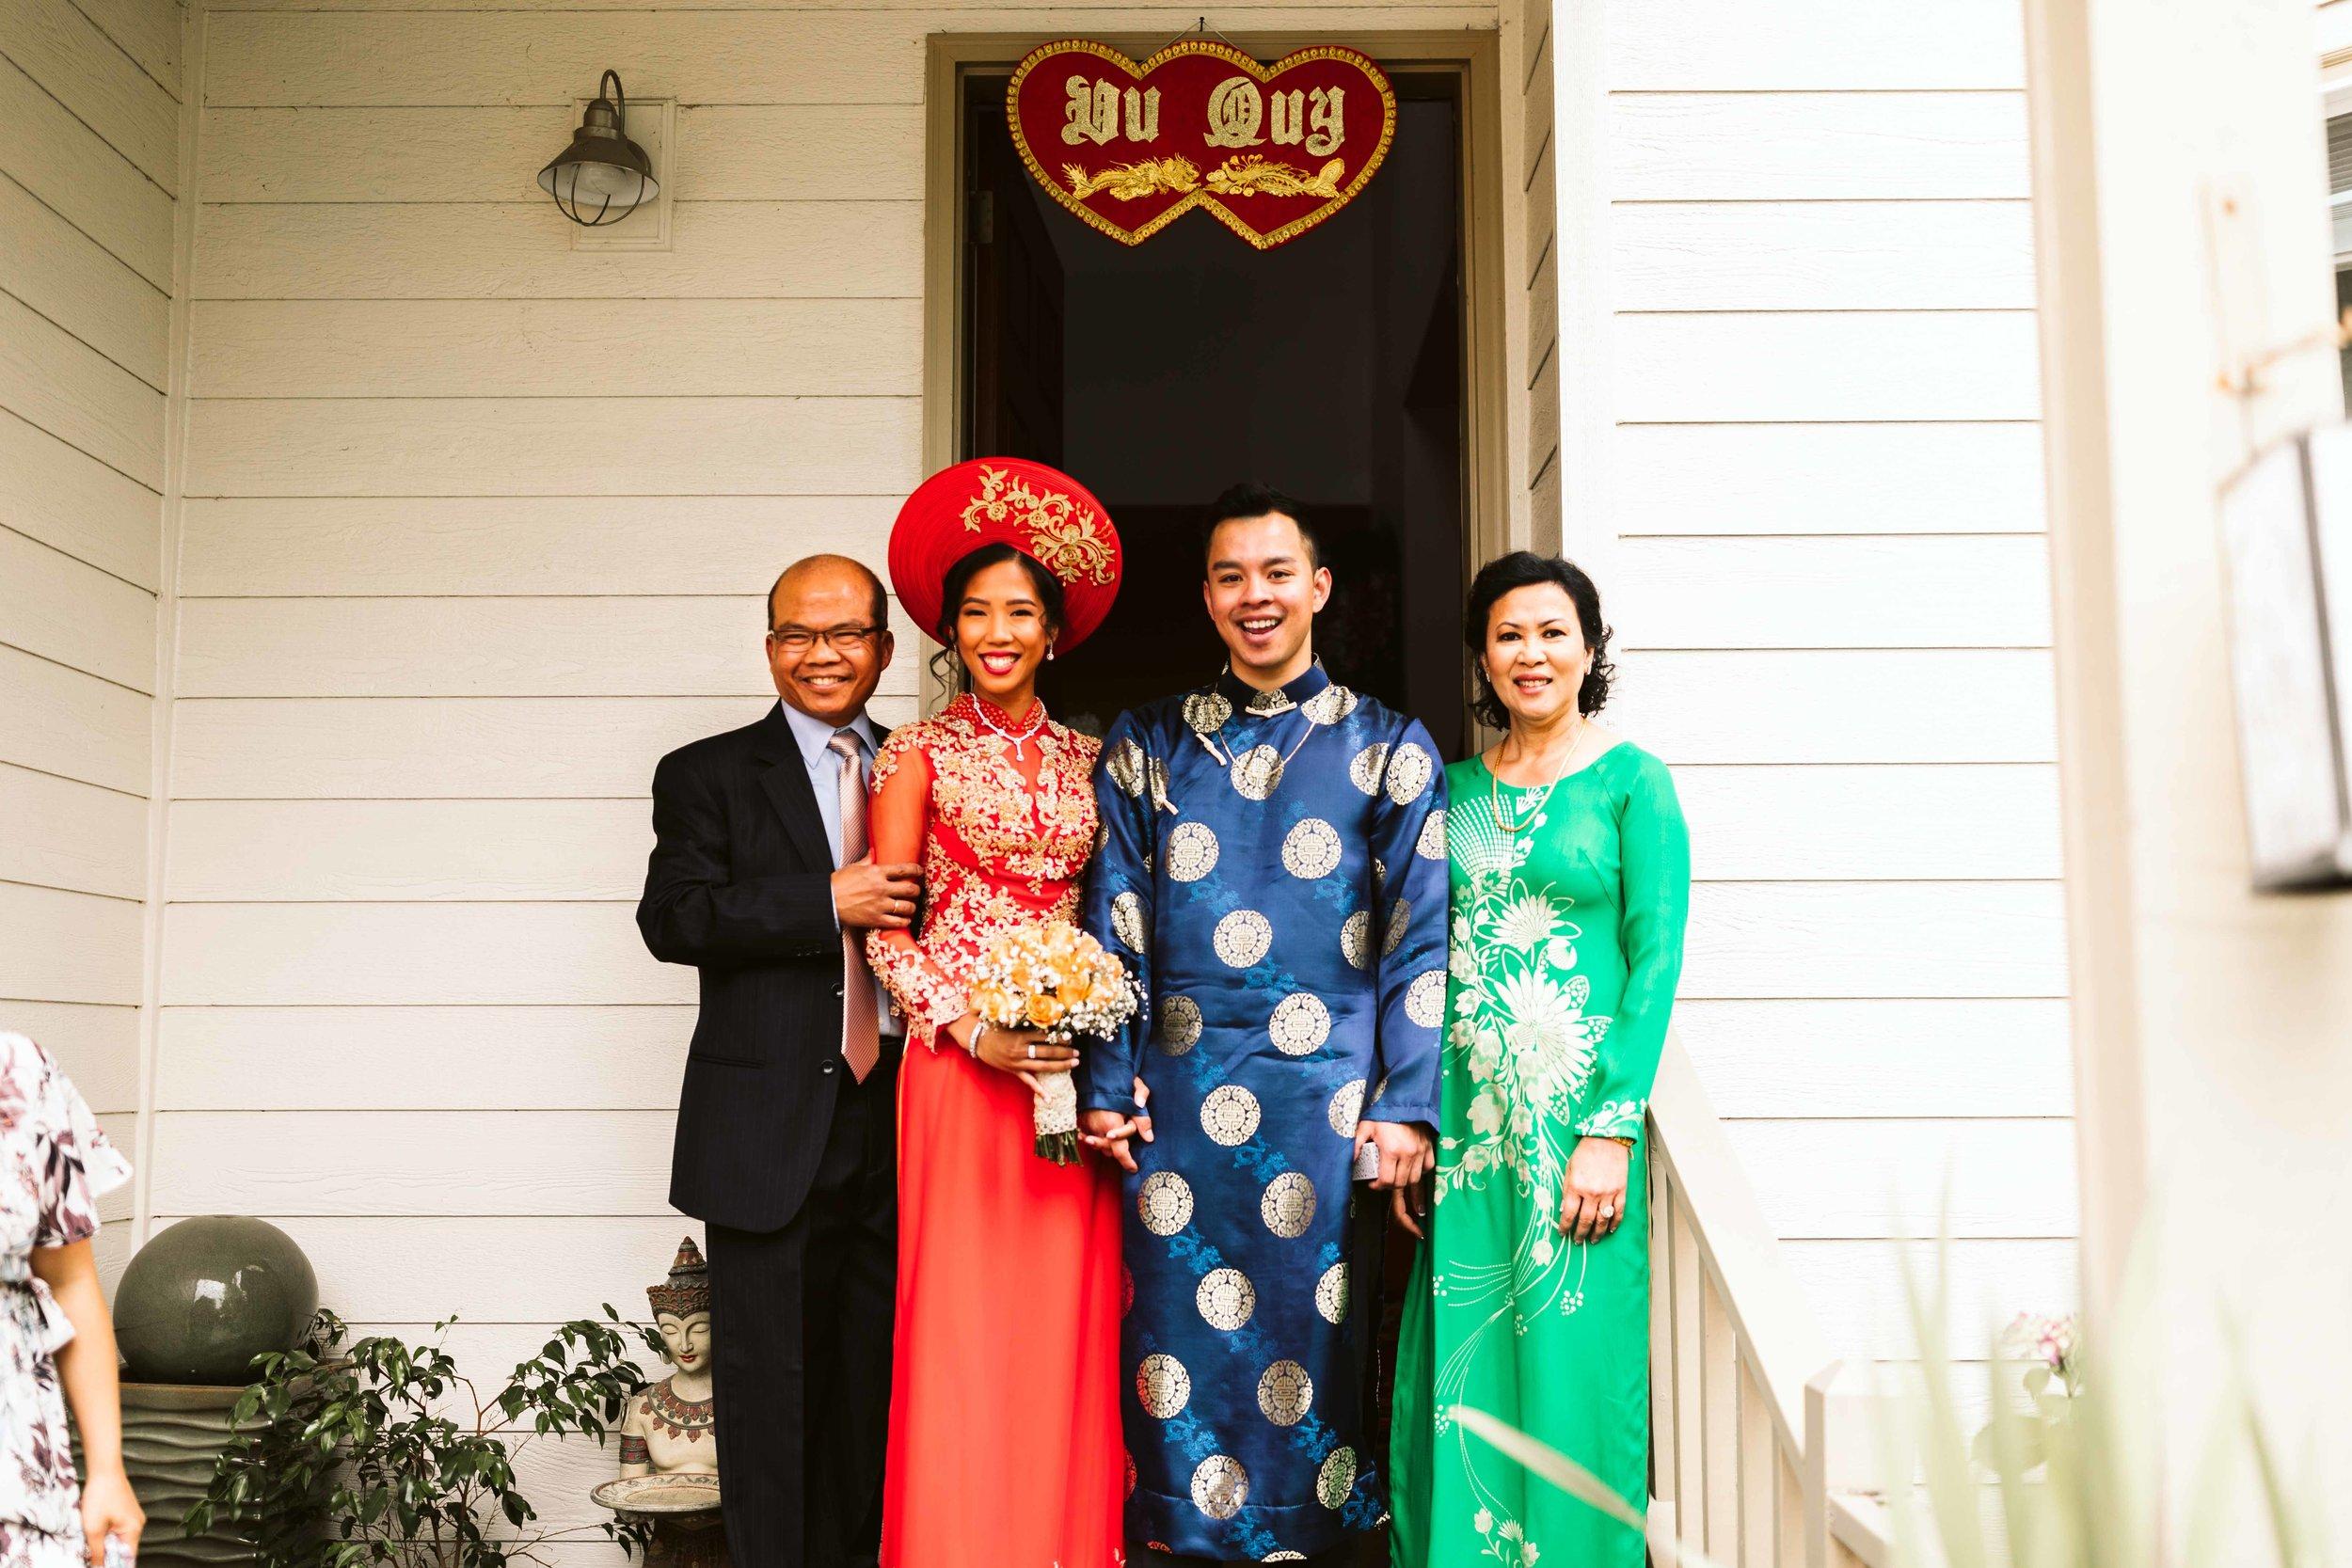 portland-oregon-wedding-22.jpg